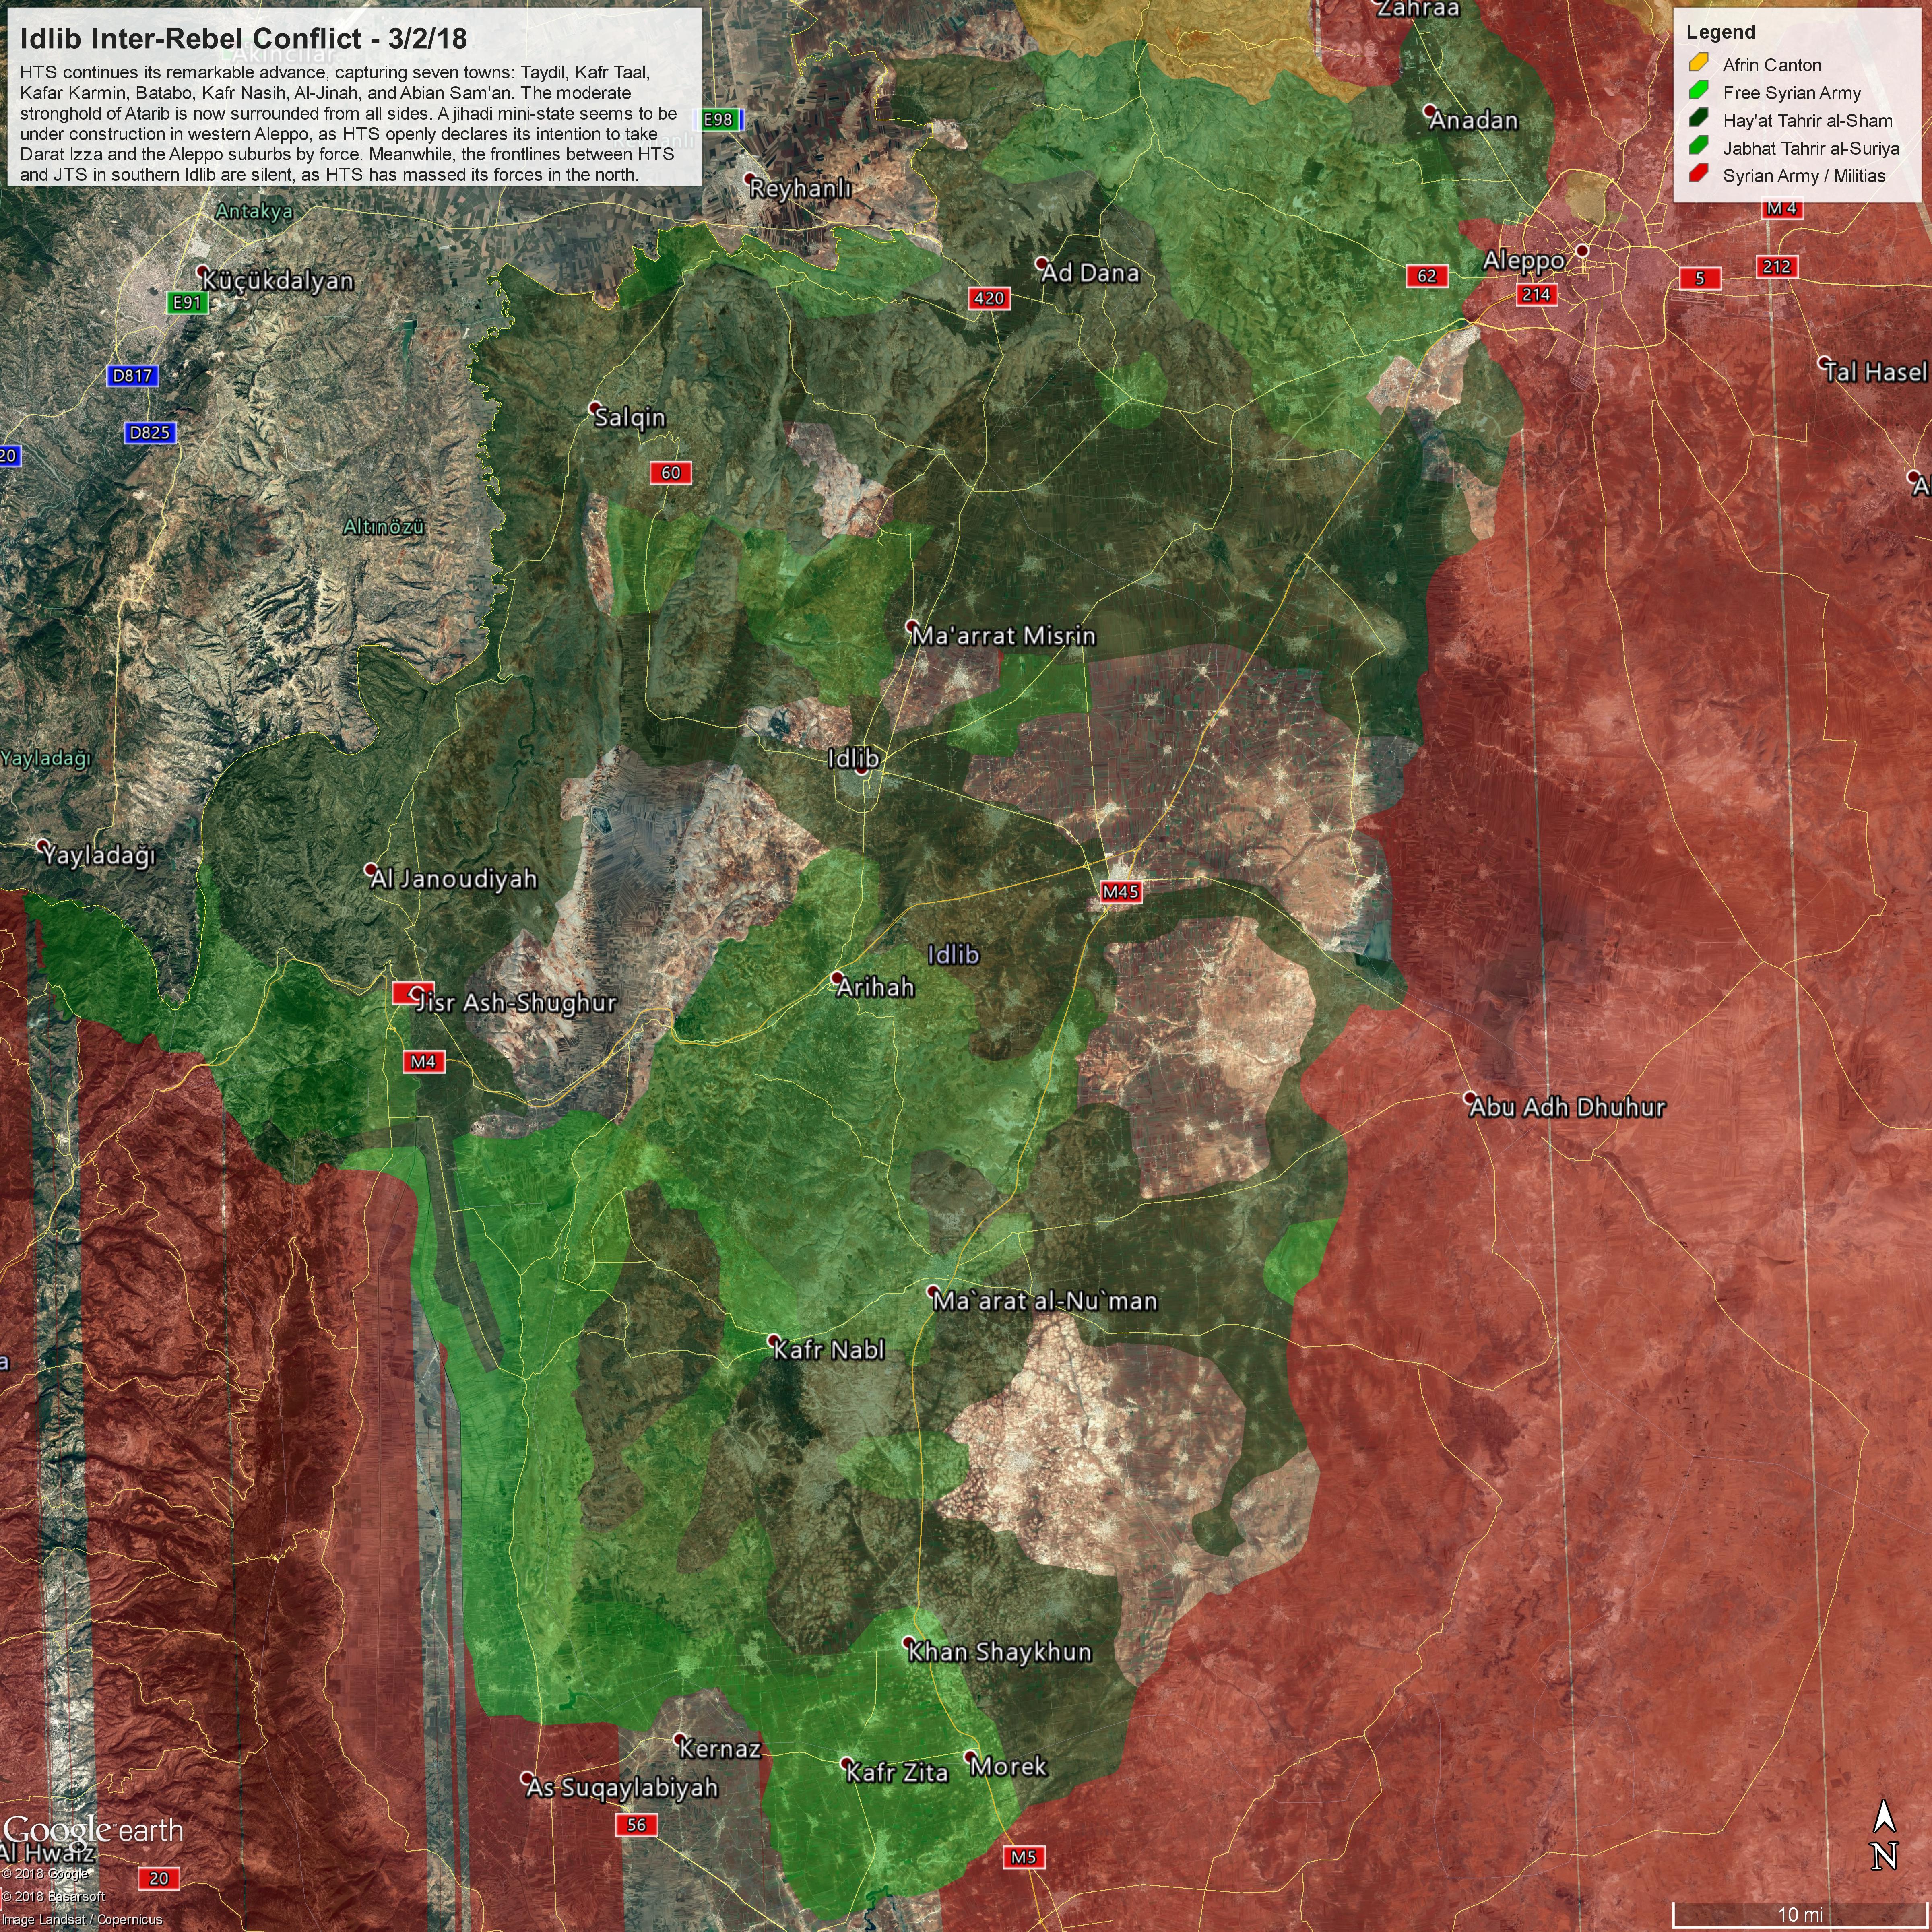 Mappa militare dello scontro tra HTS e JTS con gli utimi avanzamenti dei primi, aggiornata al 3/03/2018. Credits to: Peter Bucci (@Peter_Bucci).